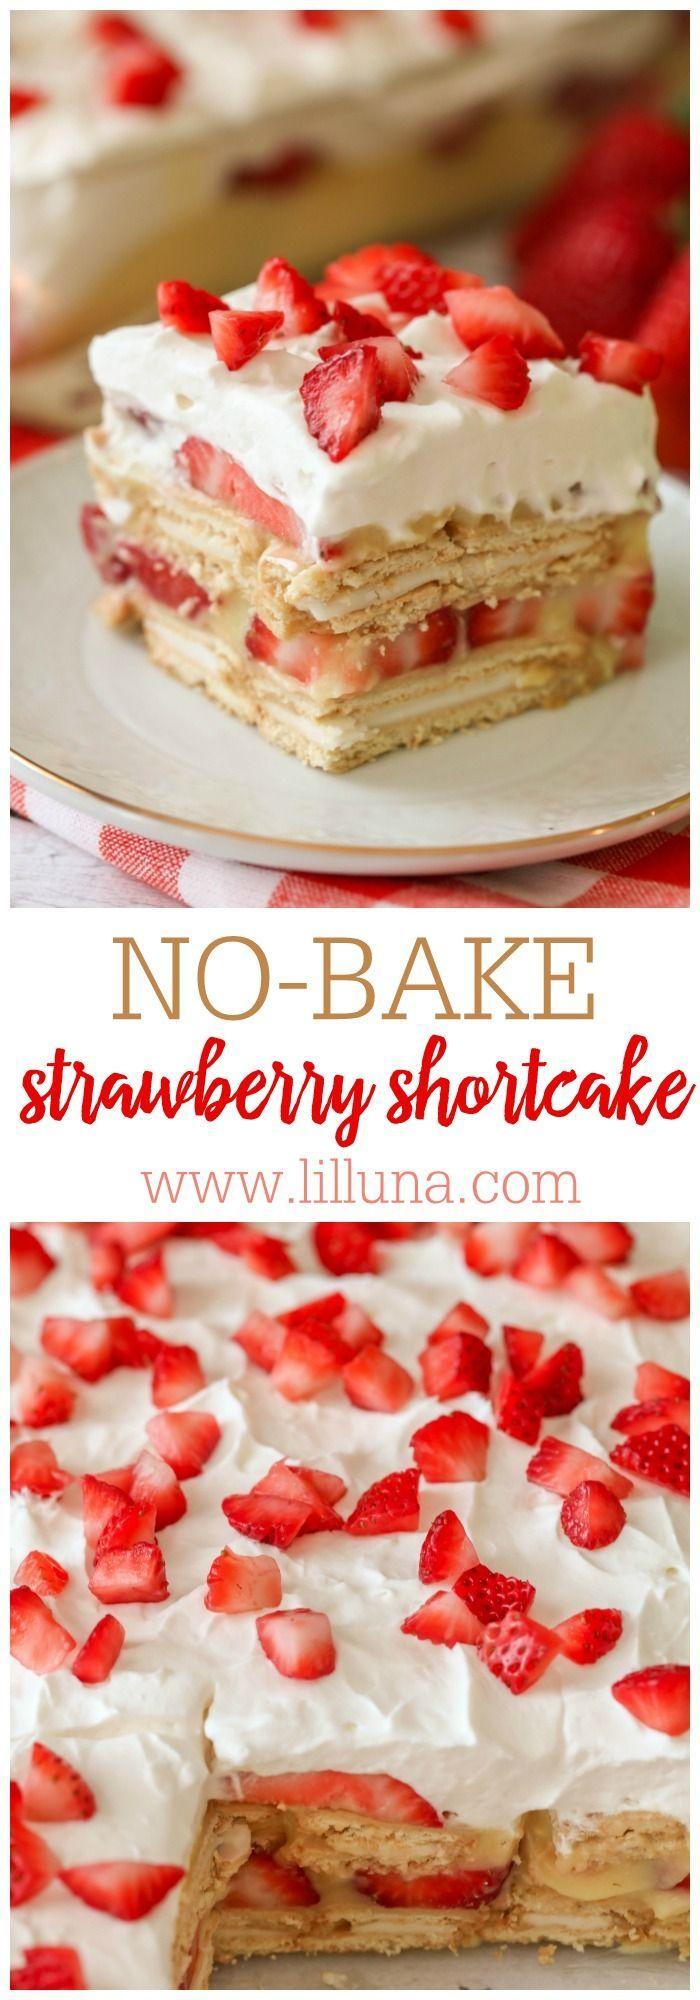 No Bake Strawberry Shortcake Recipe Recipes Dessert